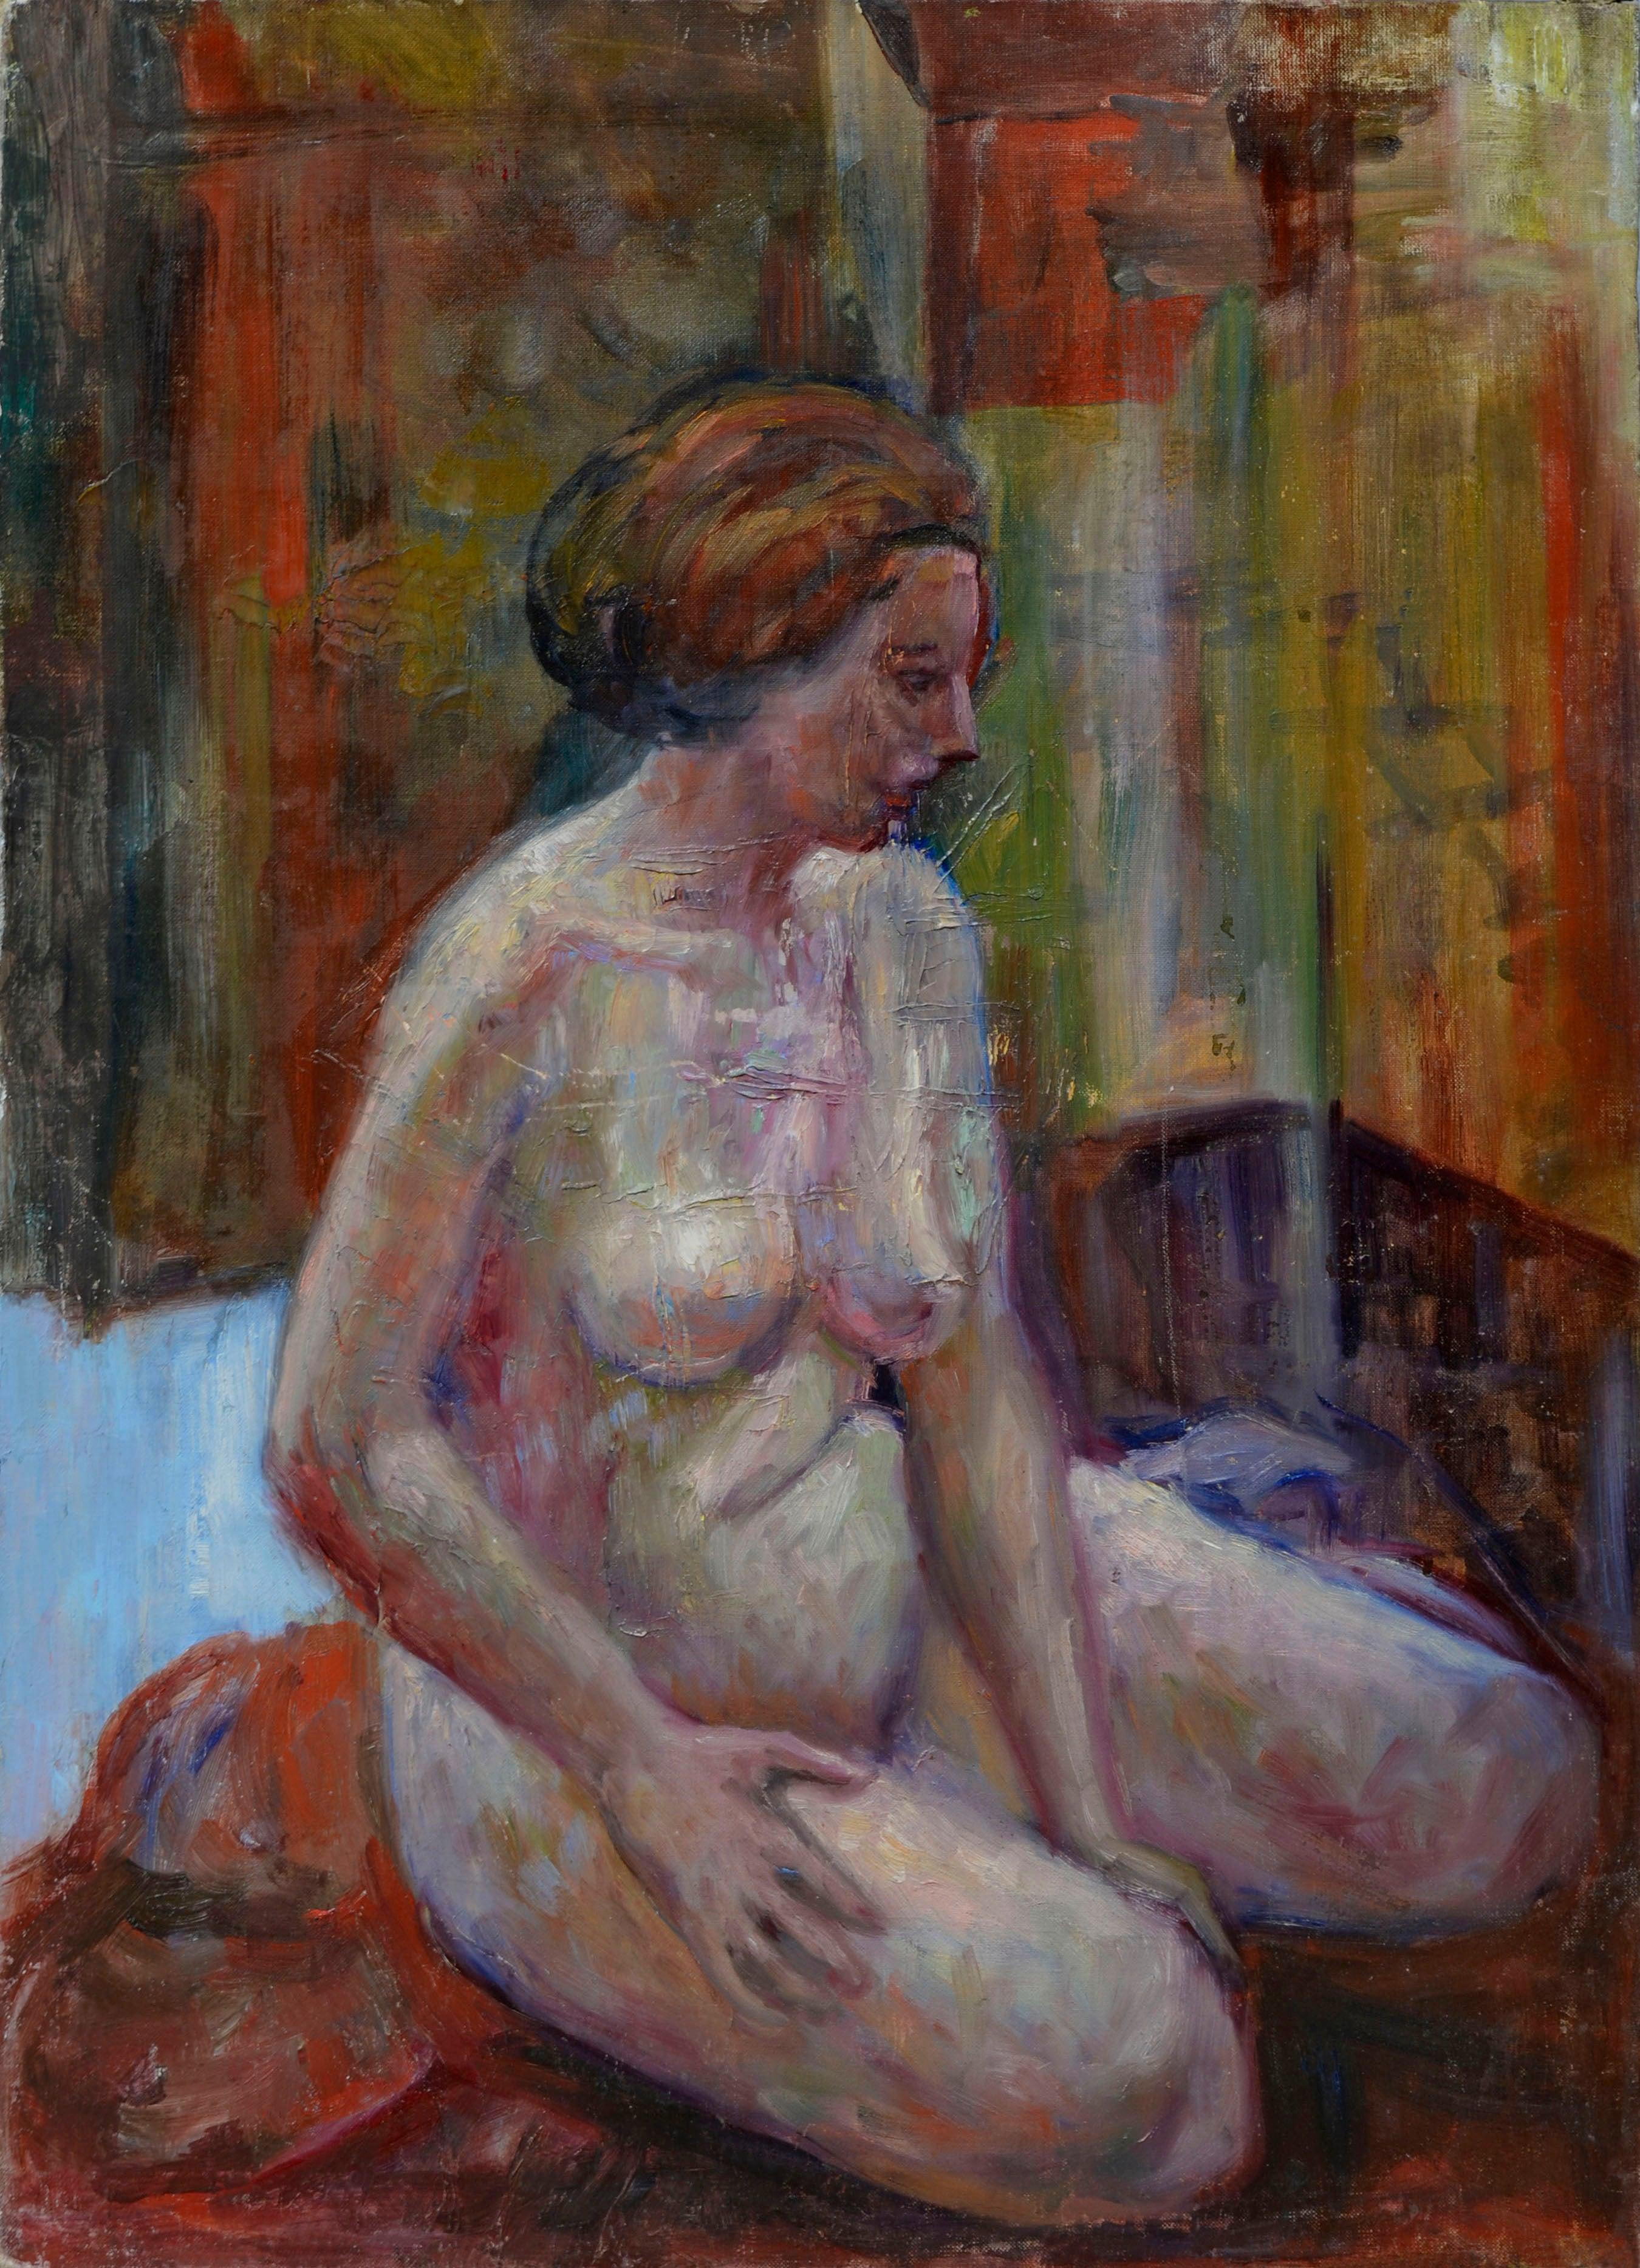 Pensive Nude Figurative